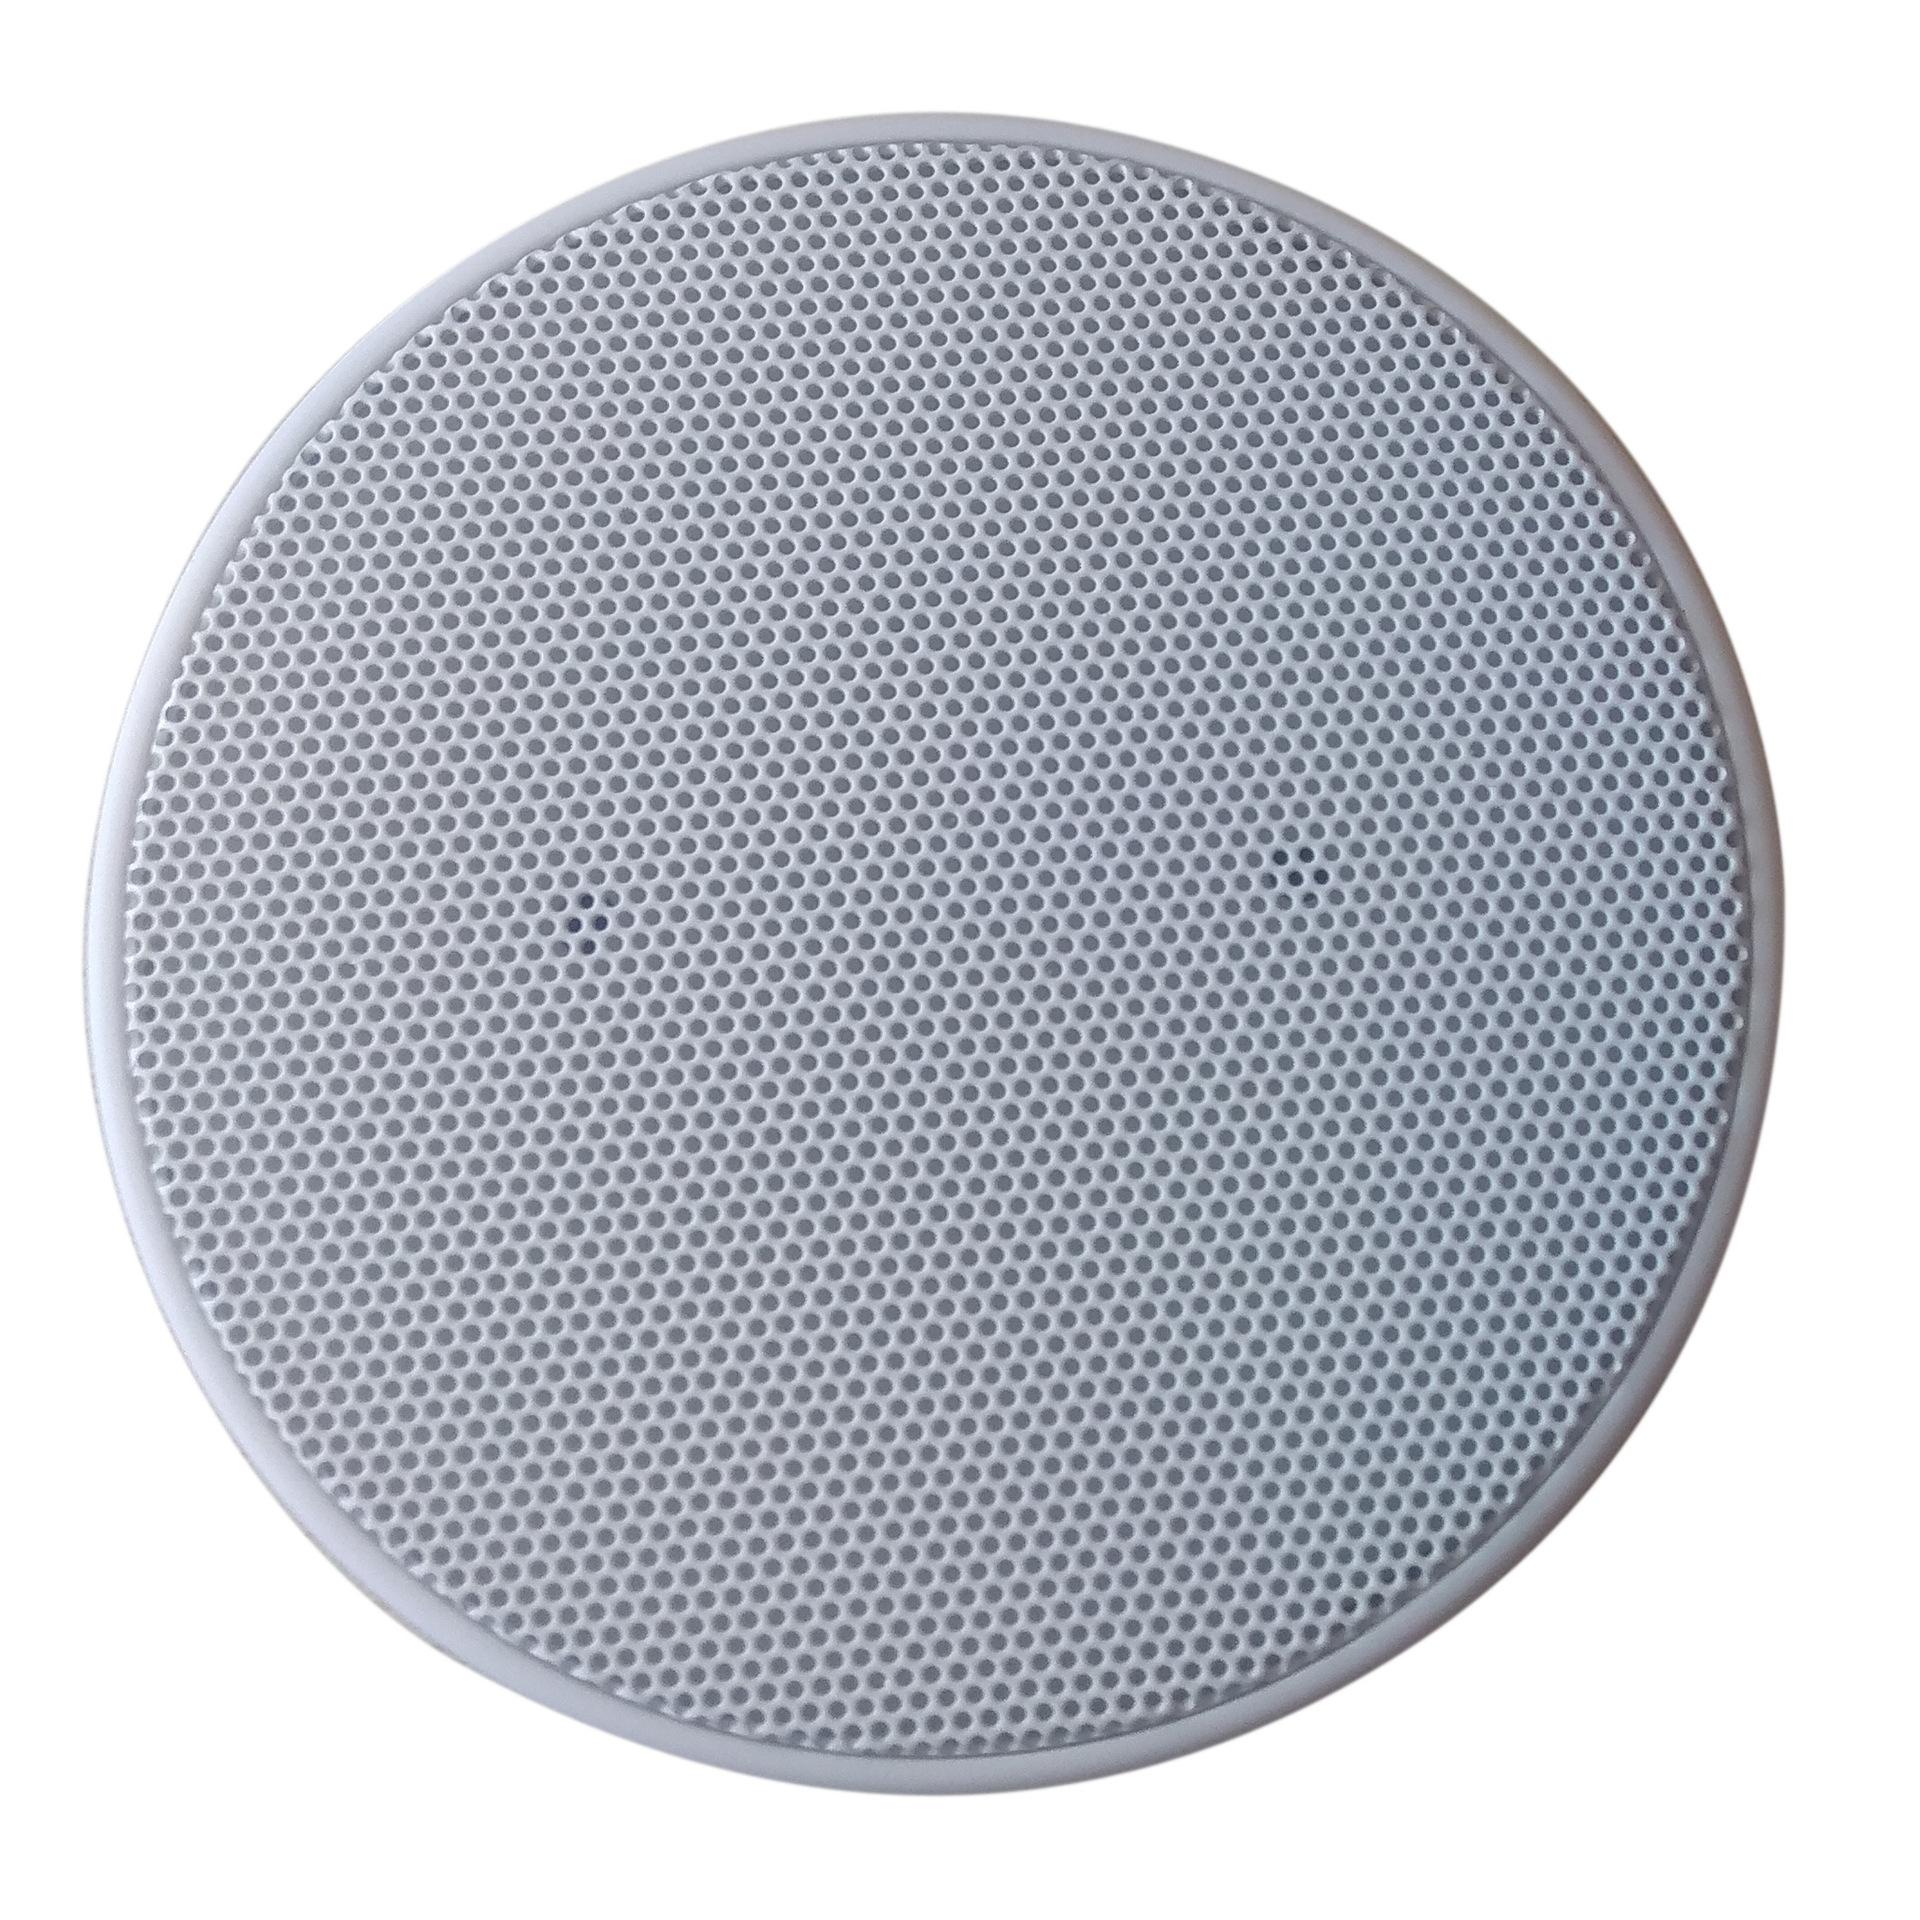 XILI Thiết bị loa Moniter Đầu micro kép, thu tiếng ồn thấp, đầu màn hình, độ nhạy cao, đặc biệt để t